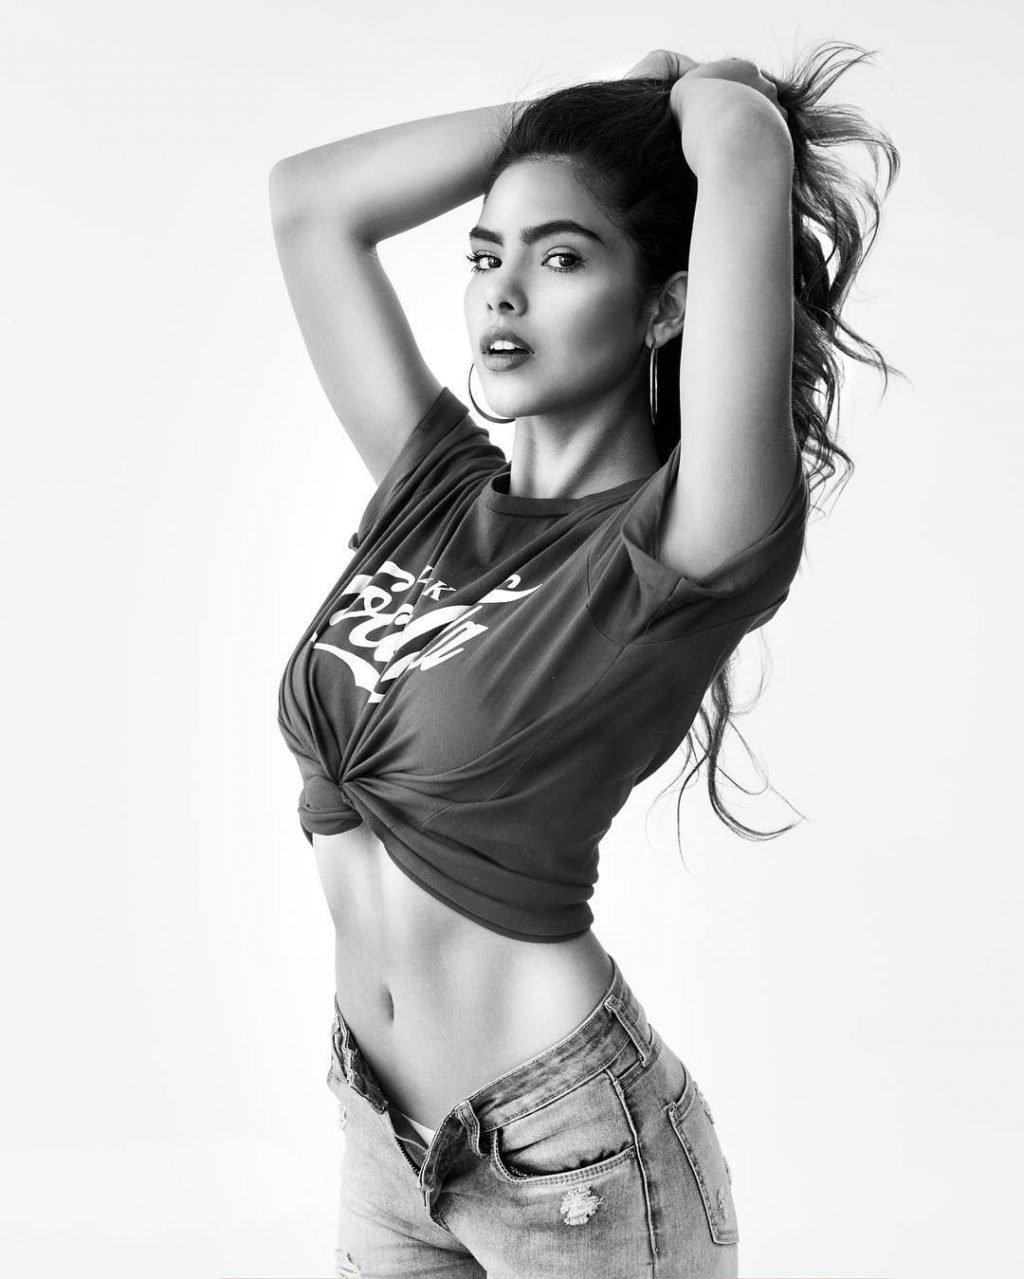 Melanie Bello Vallejos Sexy & Topless (90 Photos)